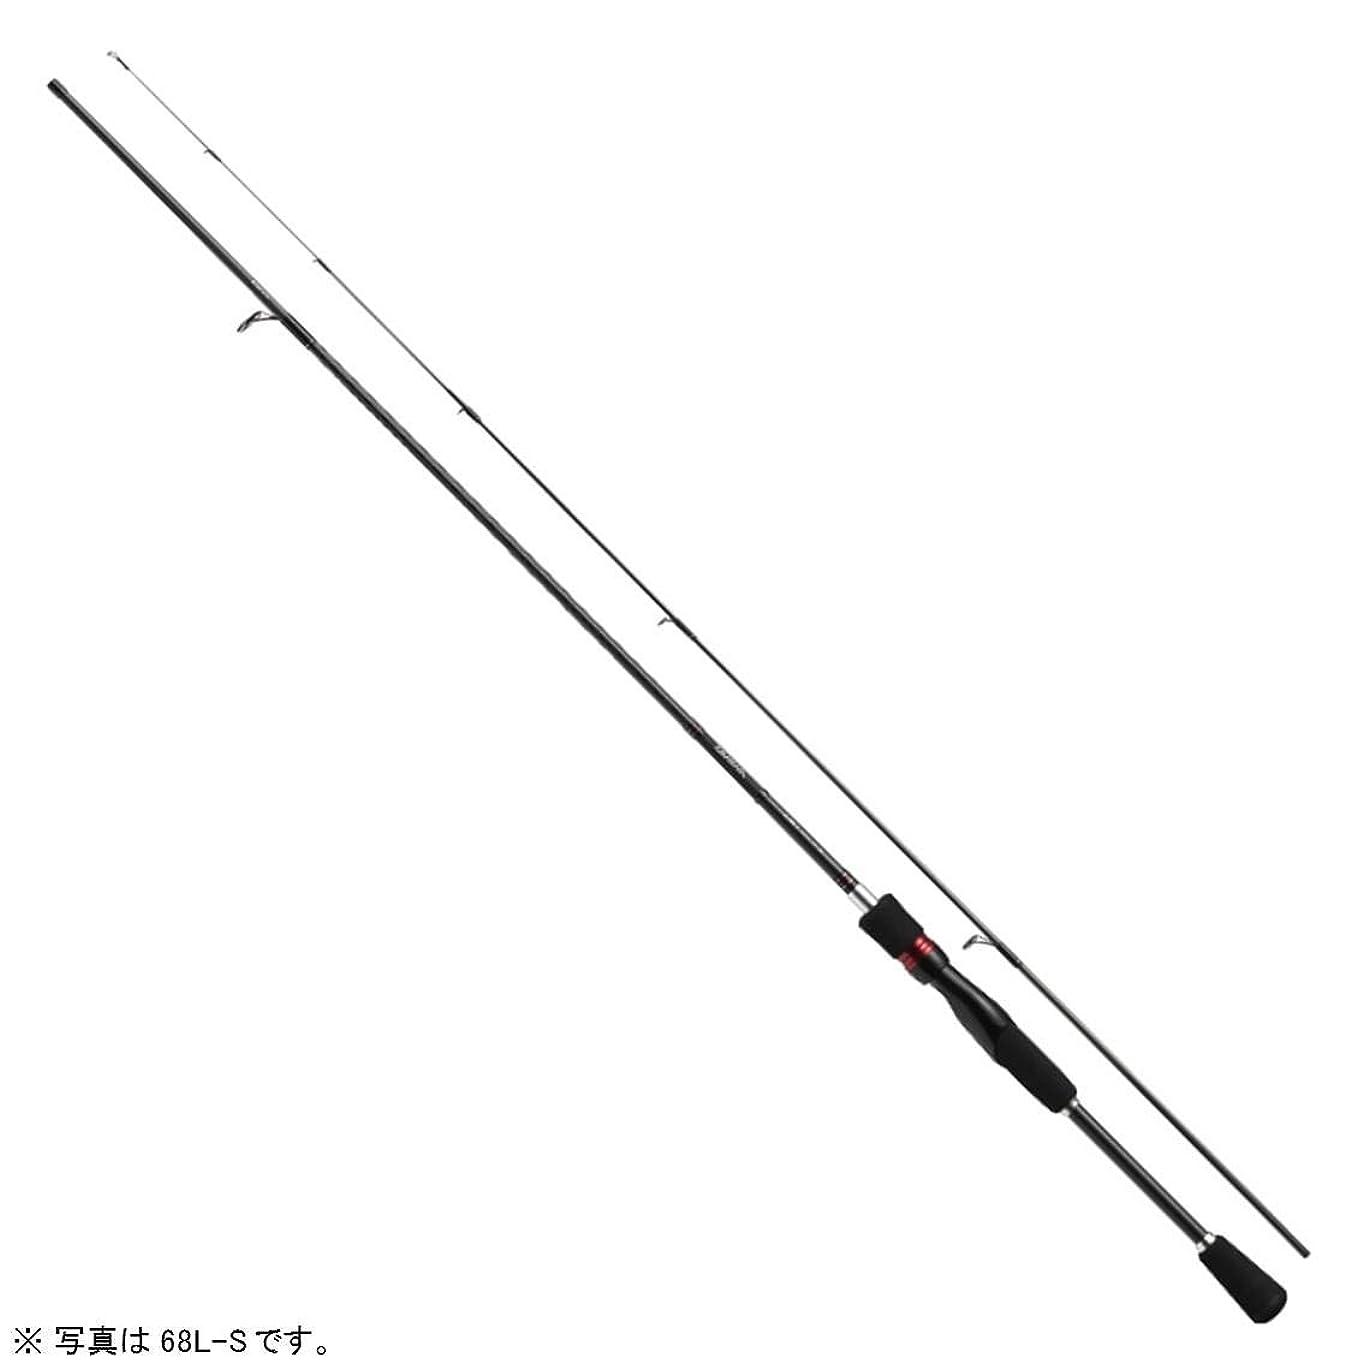 散逸文明化する出席ダイワ(Daiwa) アジングロッド スピニング アジング X 68L-S 釣り竿